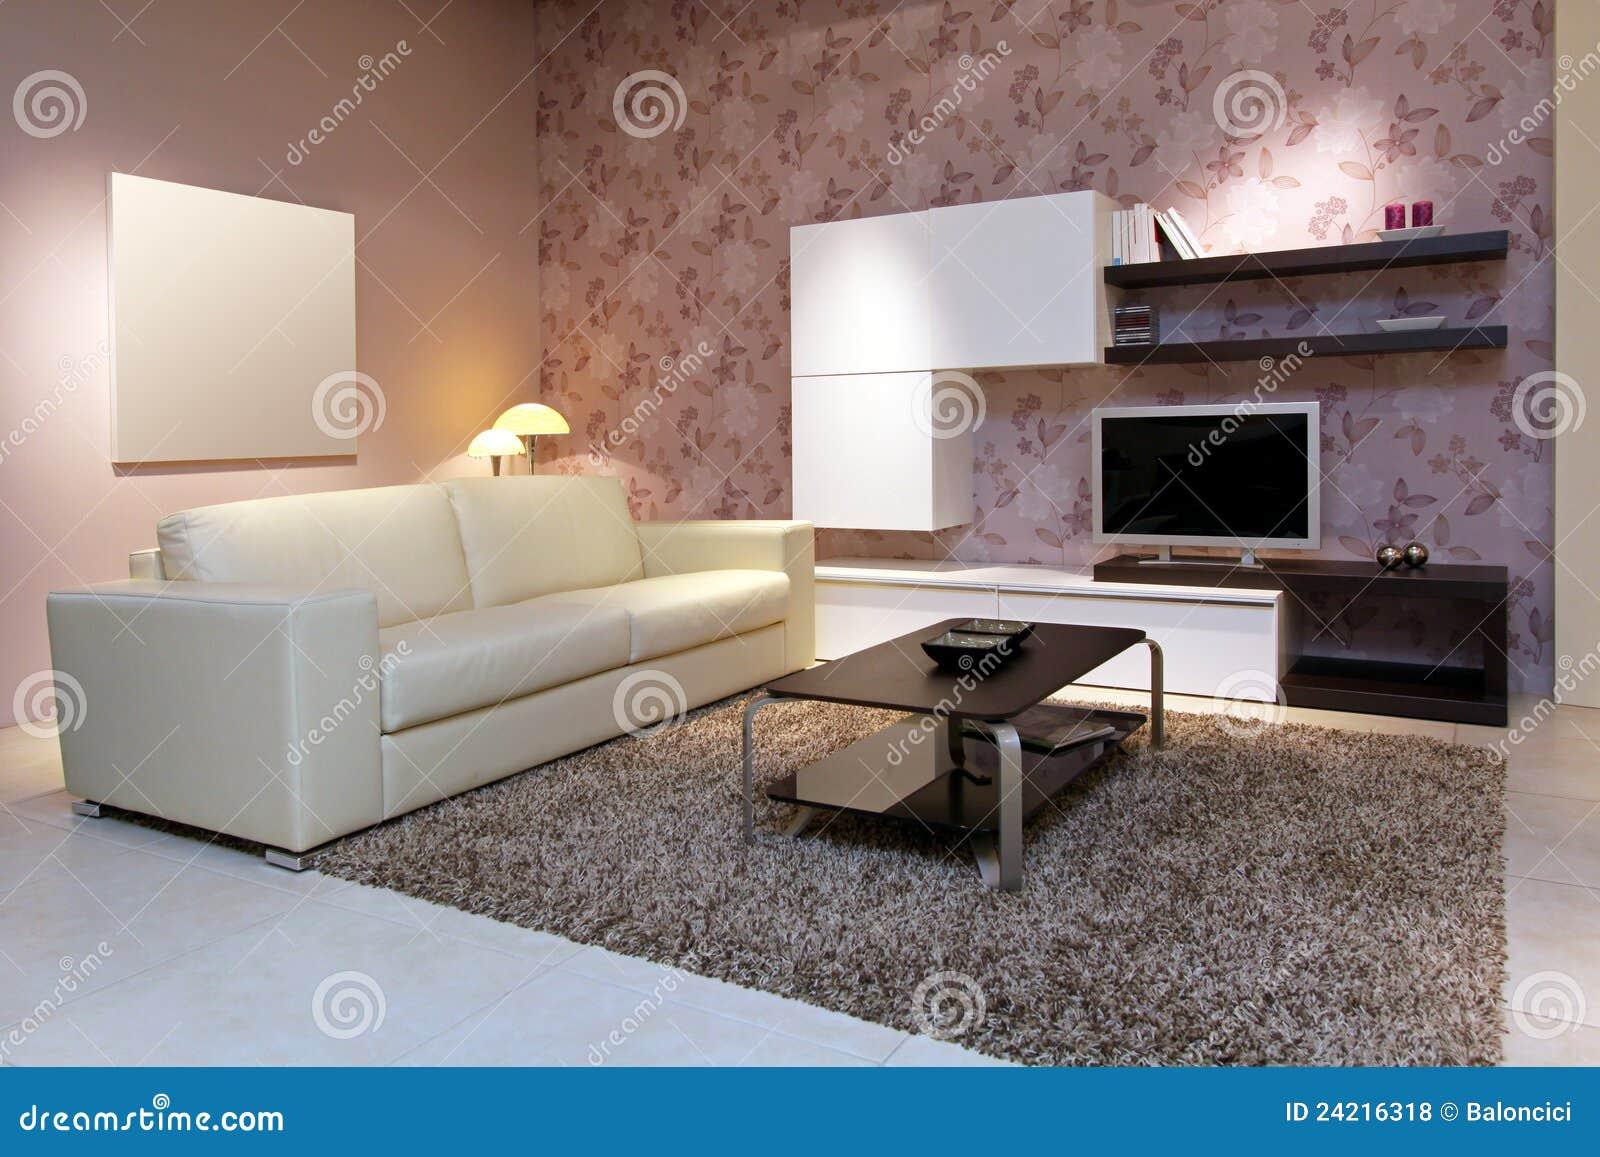 Roze woonkamer stock foto afbeelding bestaande uit meubilair 24216318 for Deco woonkamer moderne woonkamer